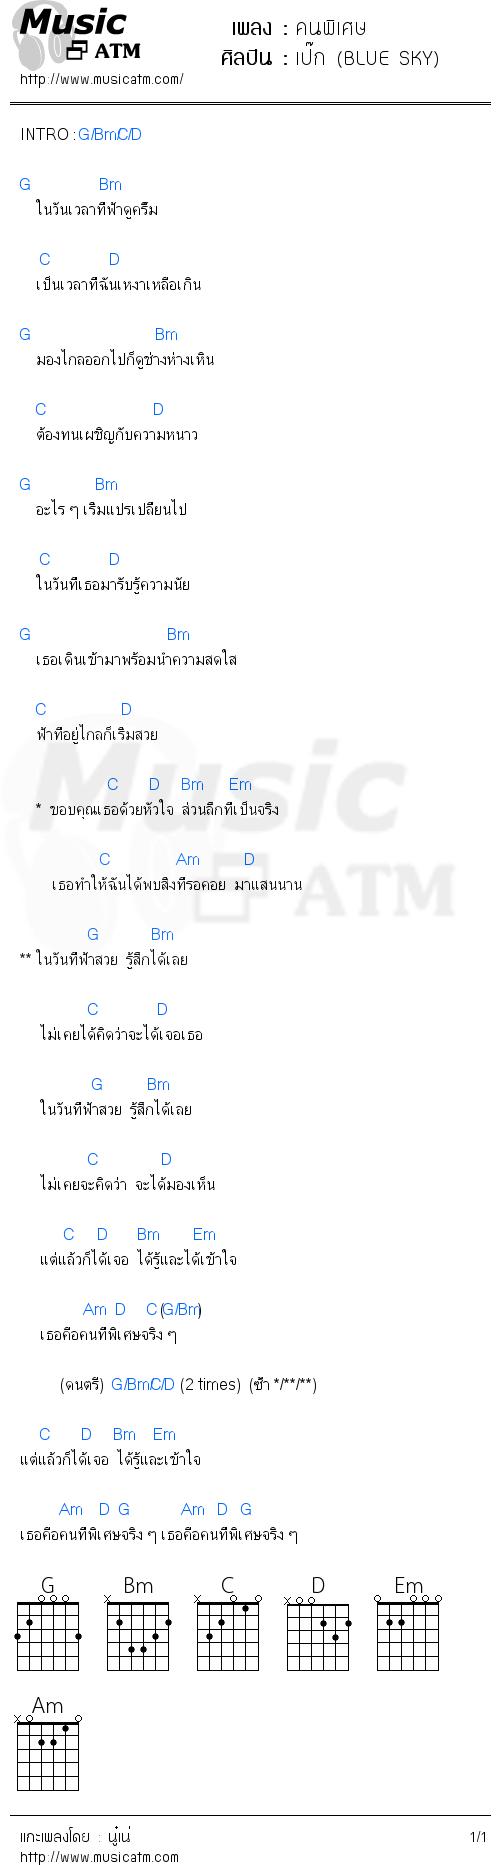 คอร์ดเพลง คนพิเศษ - เป๊ก (BLUE SKY) | คอร์ดเพลงใหม่